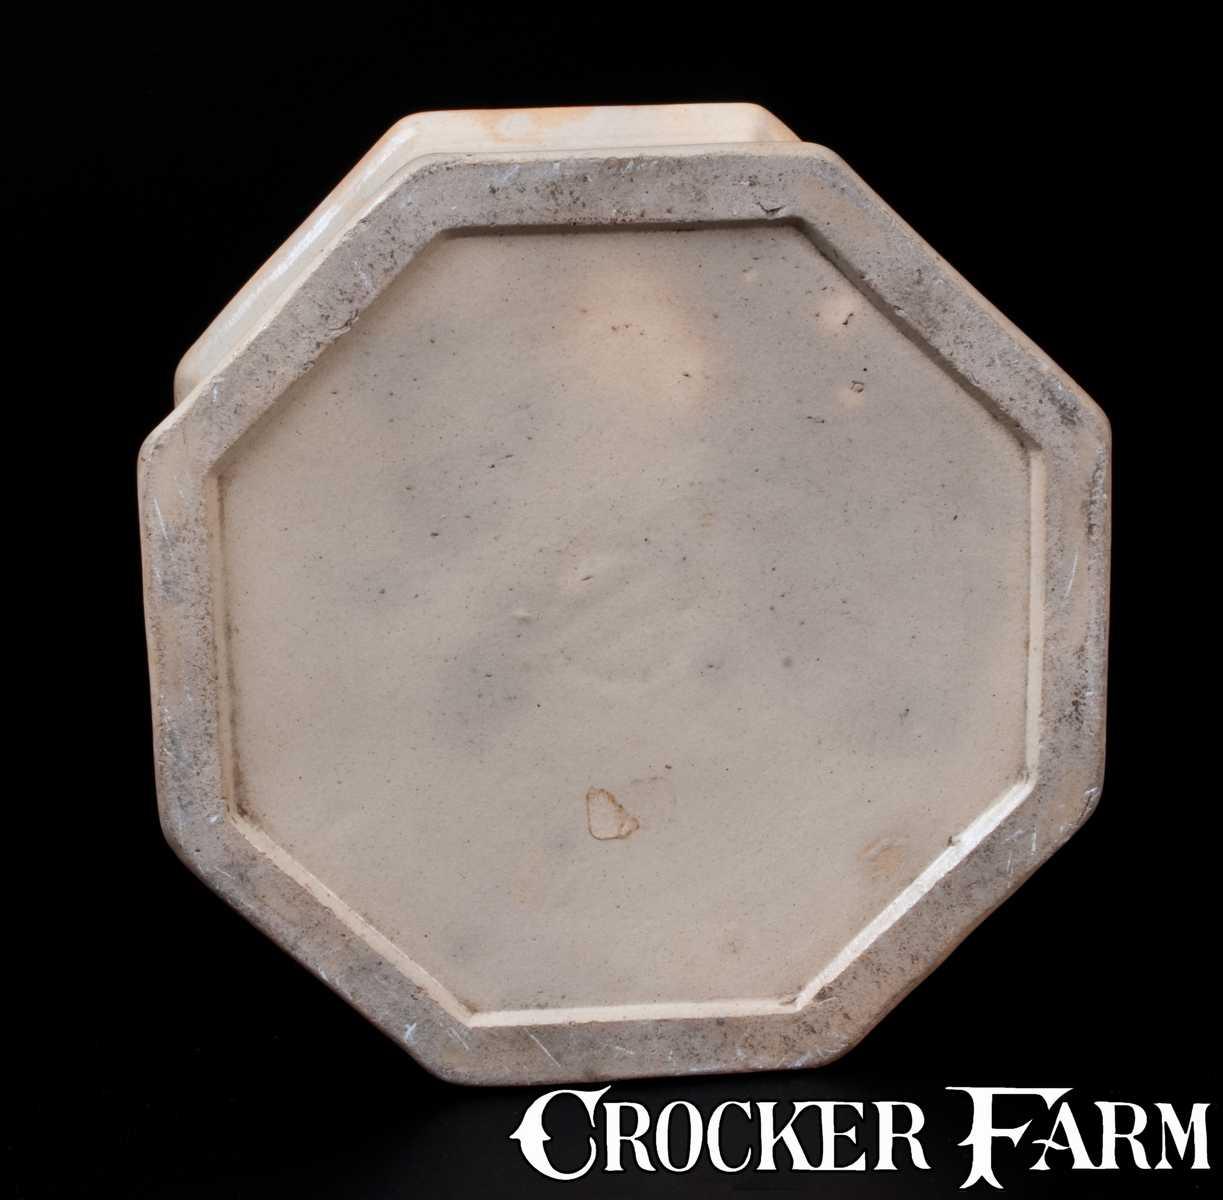 rare american pottery co jersey city nj salt glazed stoneware